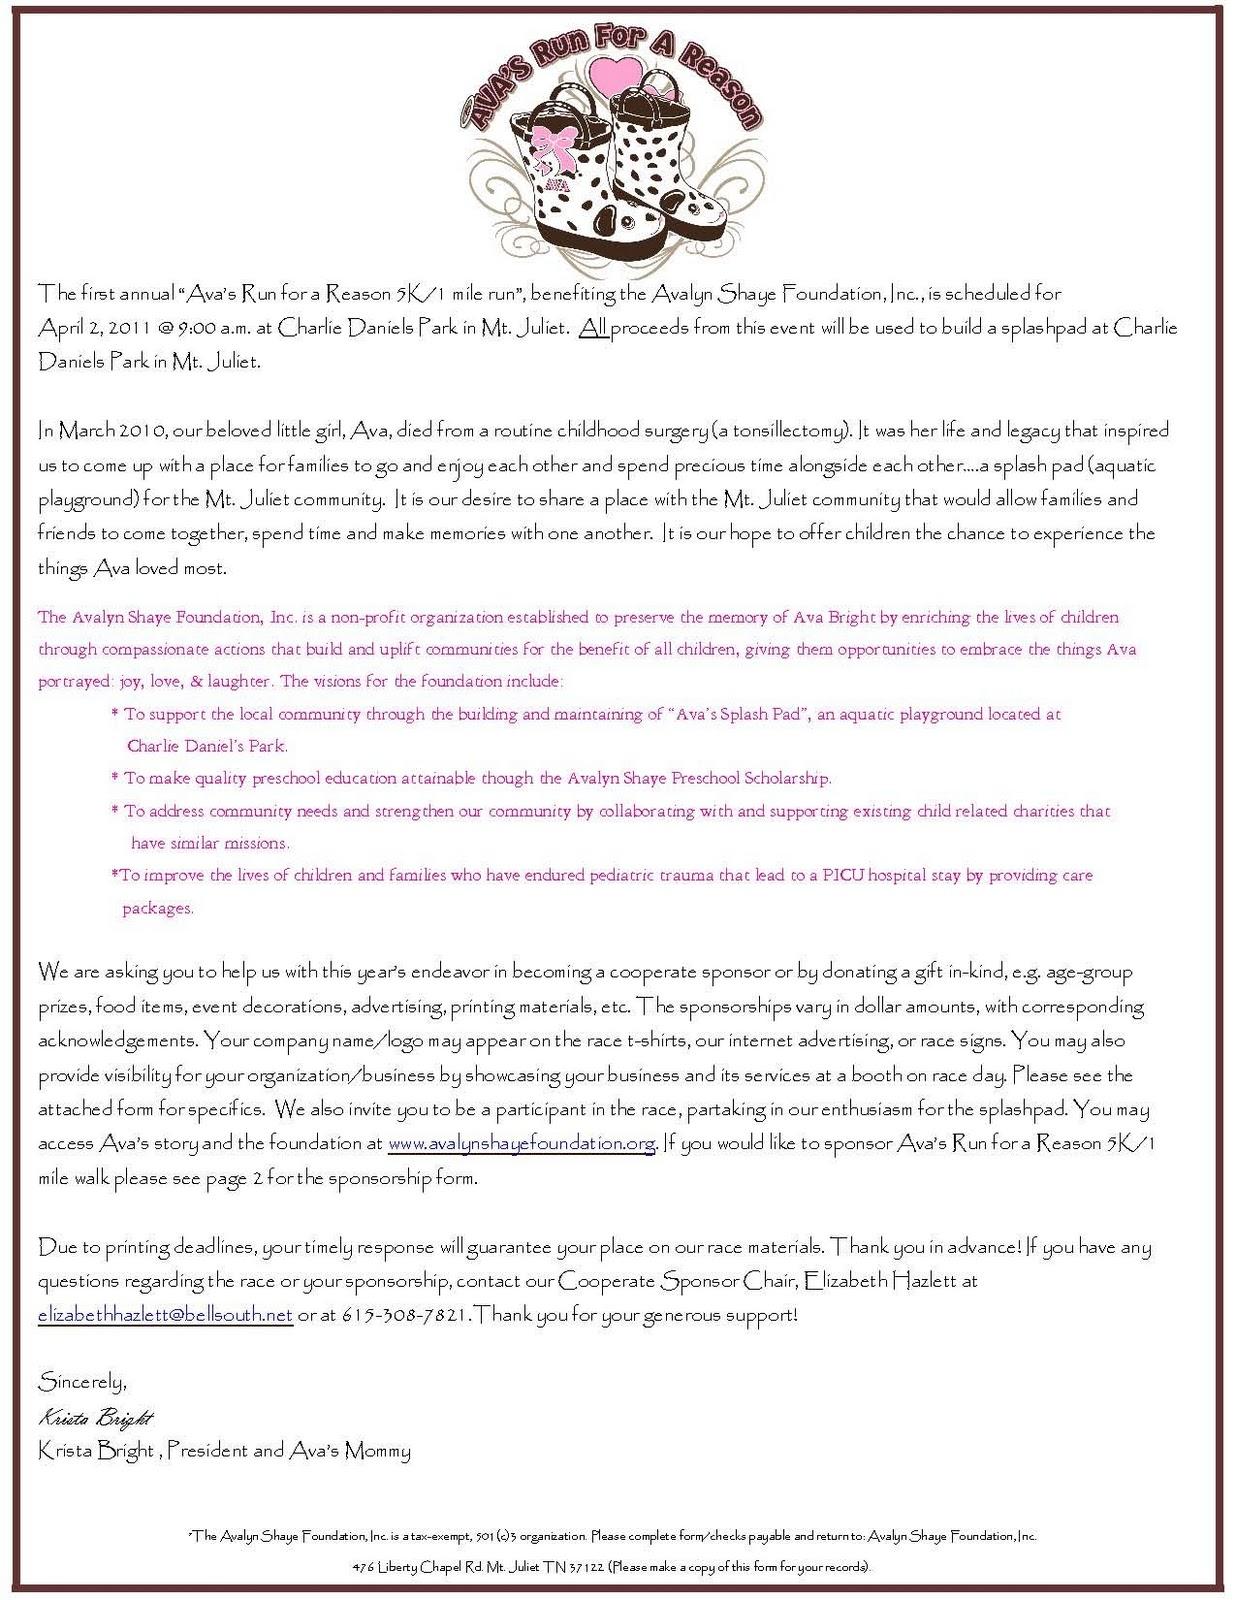 Corporate colleges essay